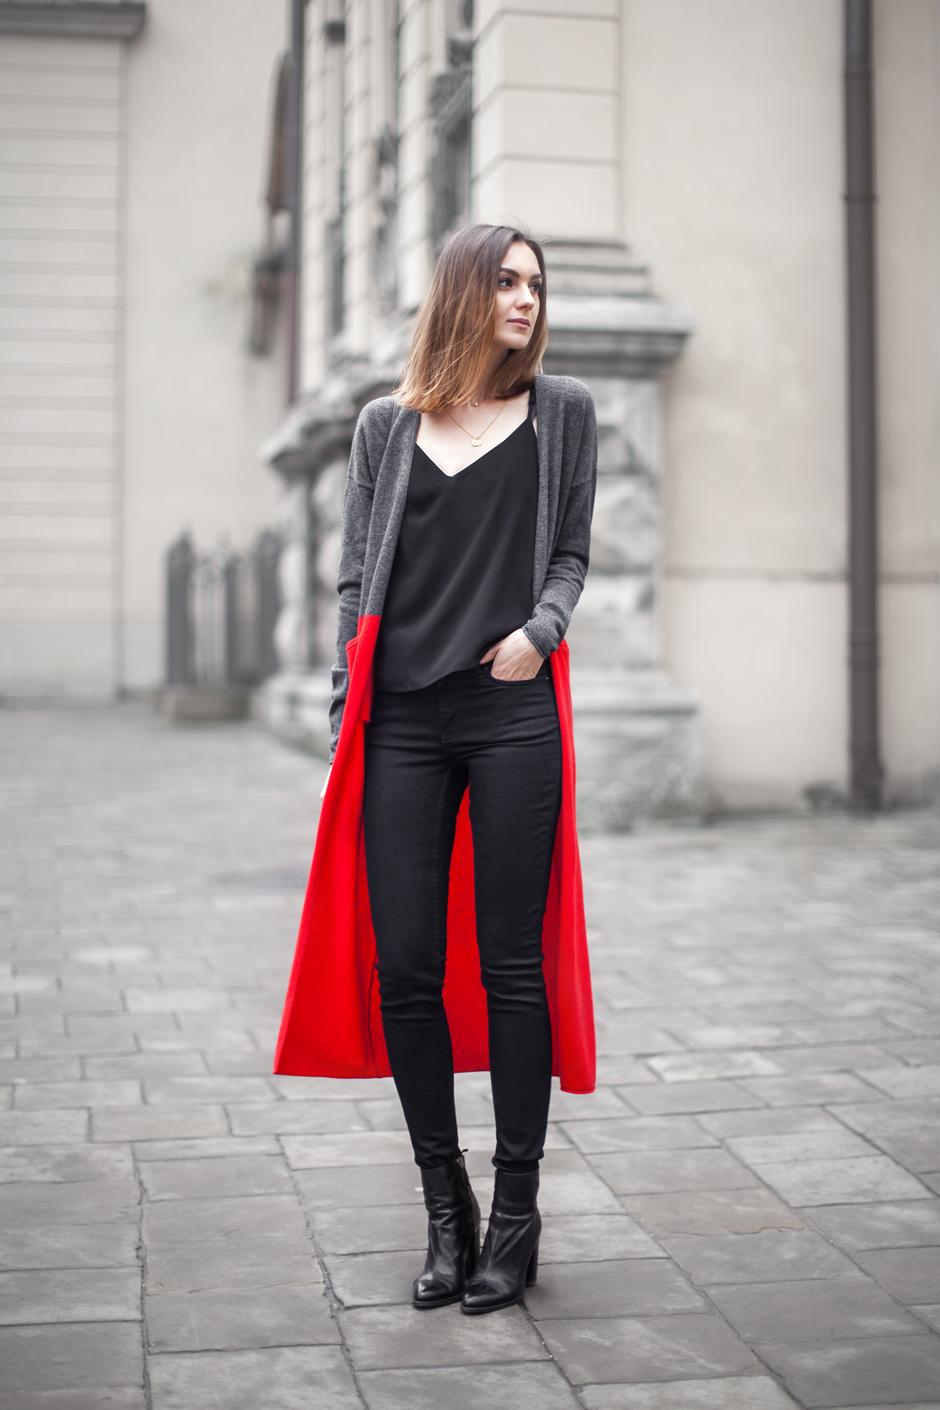 кардиганы женские 2018 вязаные стильные джинсовые модные джемперы